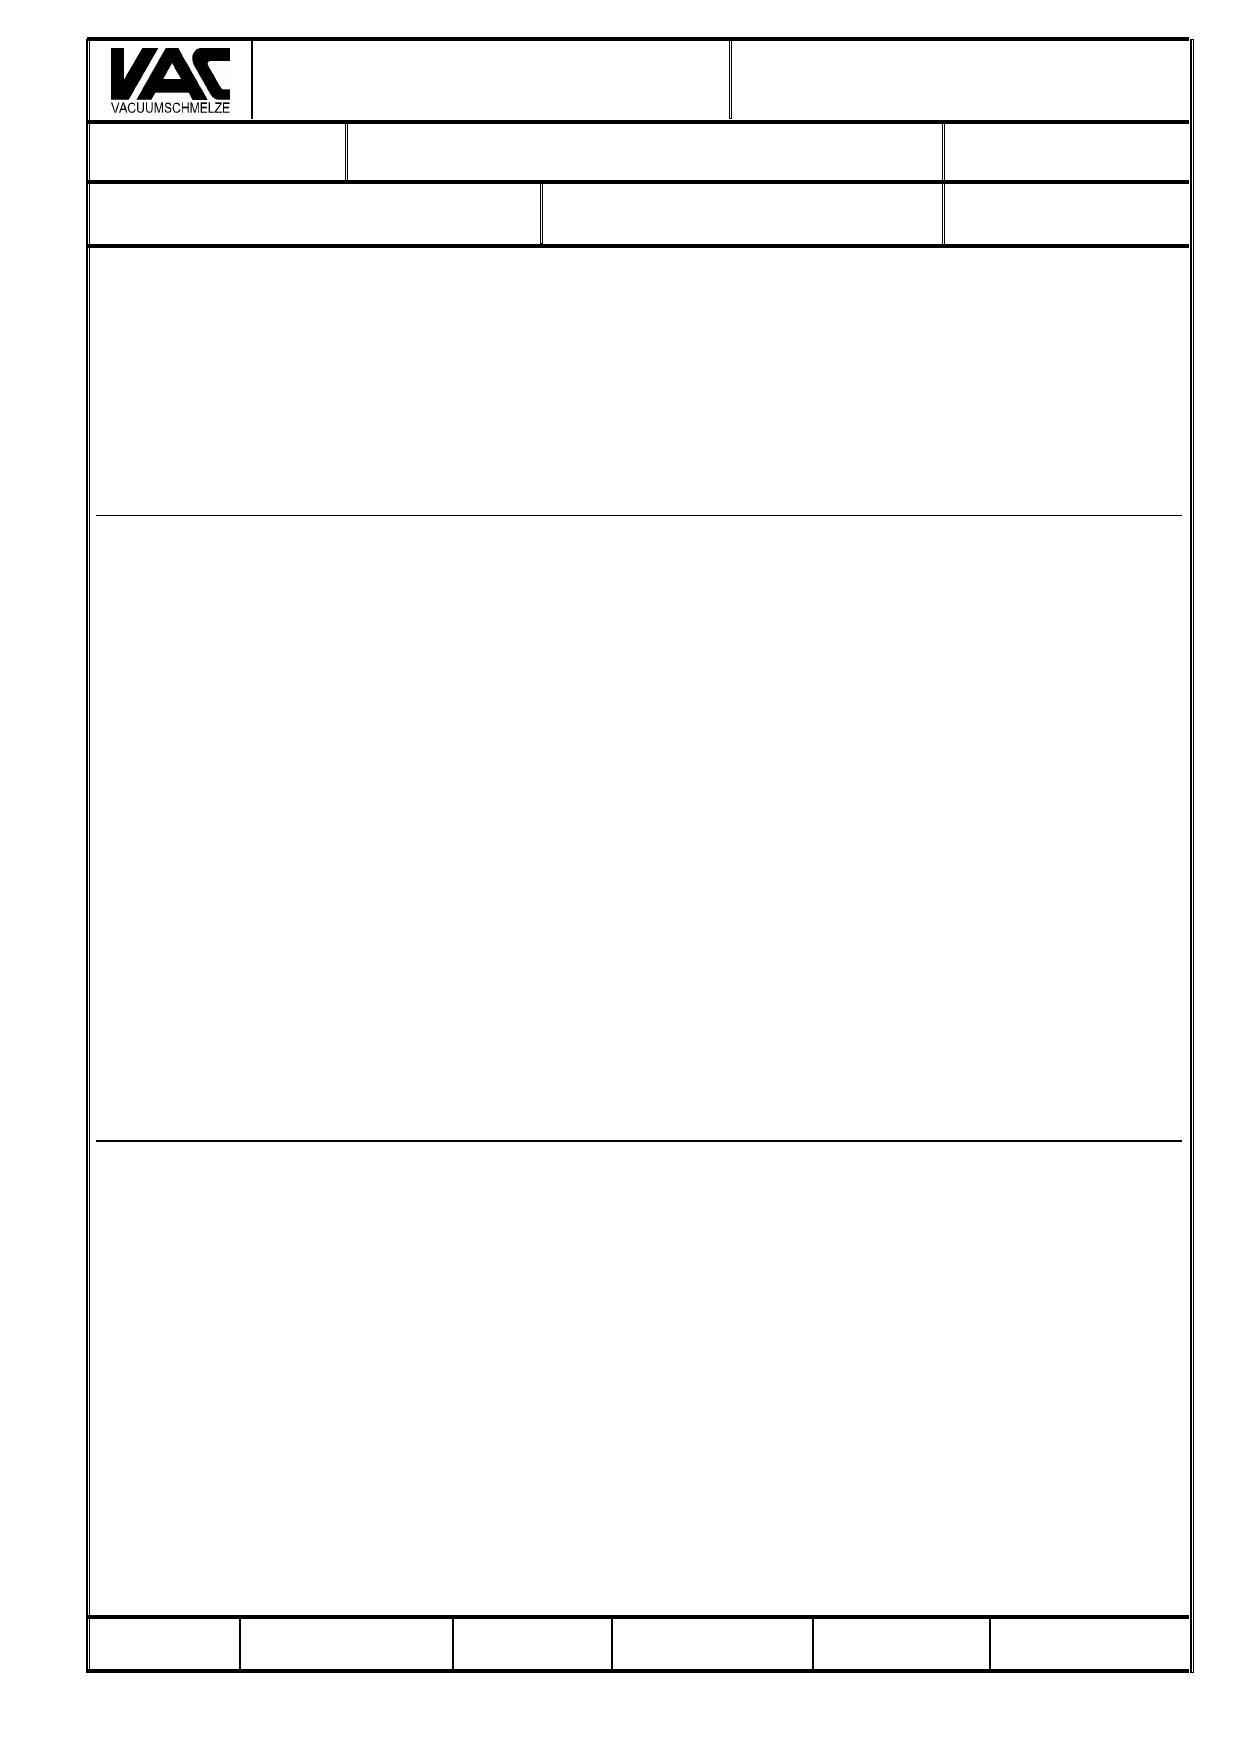 T60403-F4185-X040 pdf, schematic